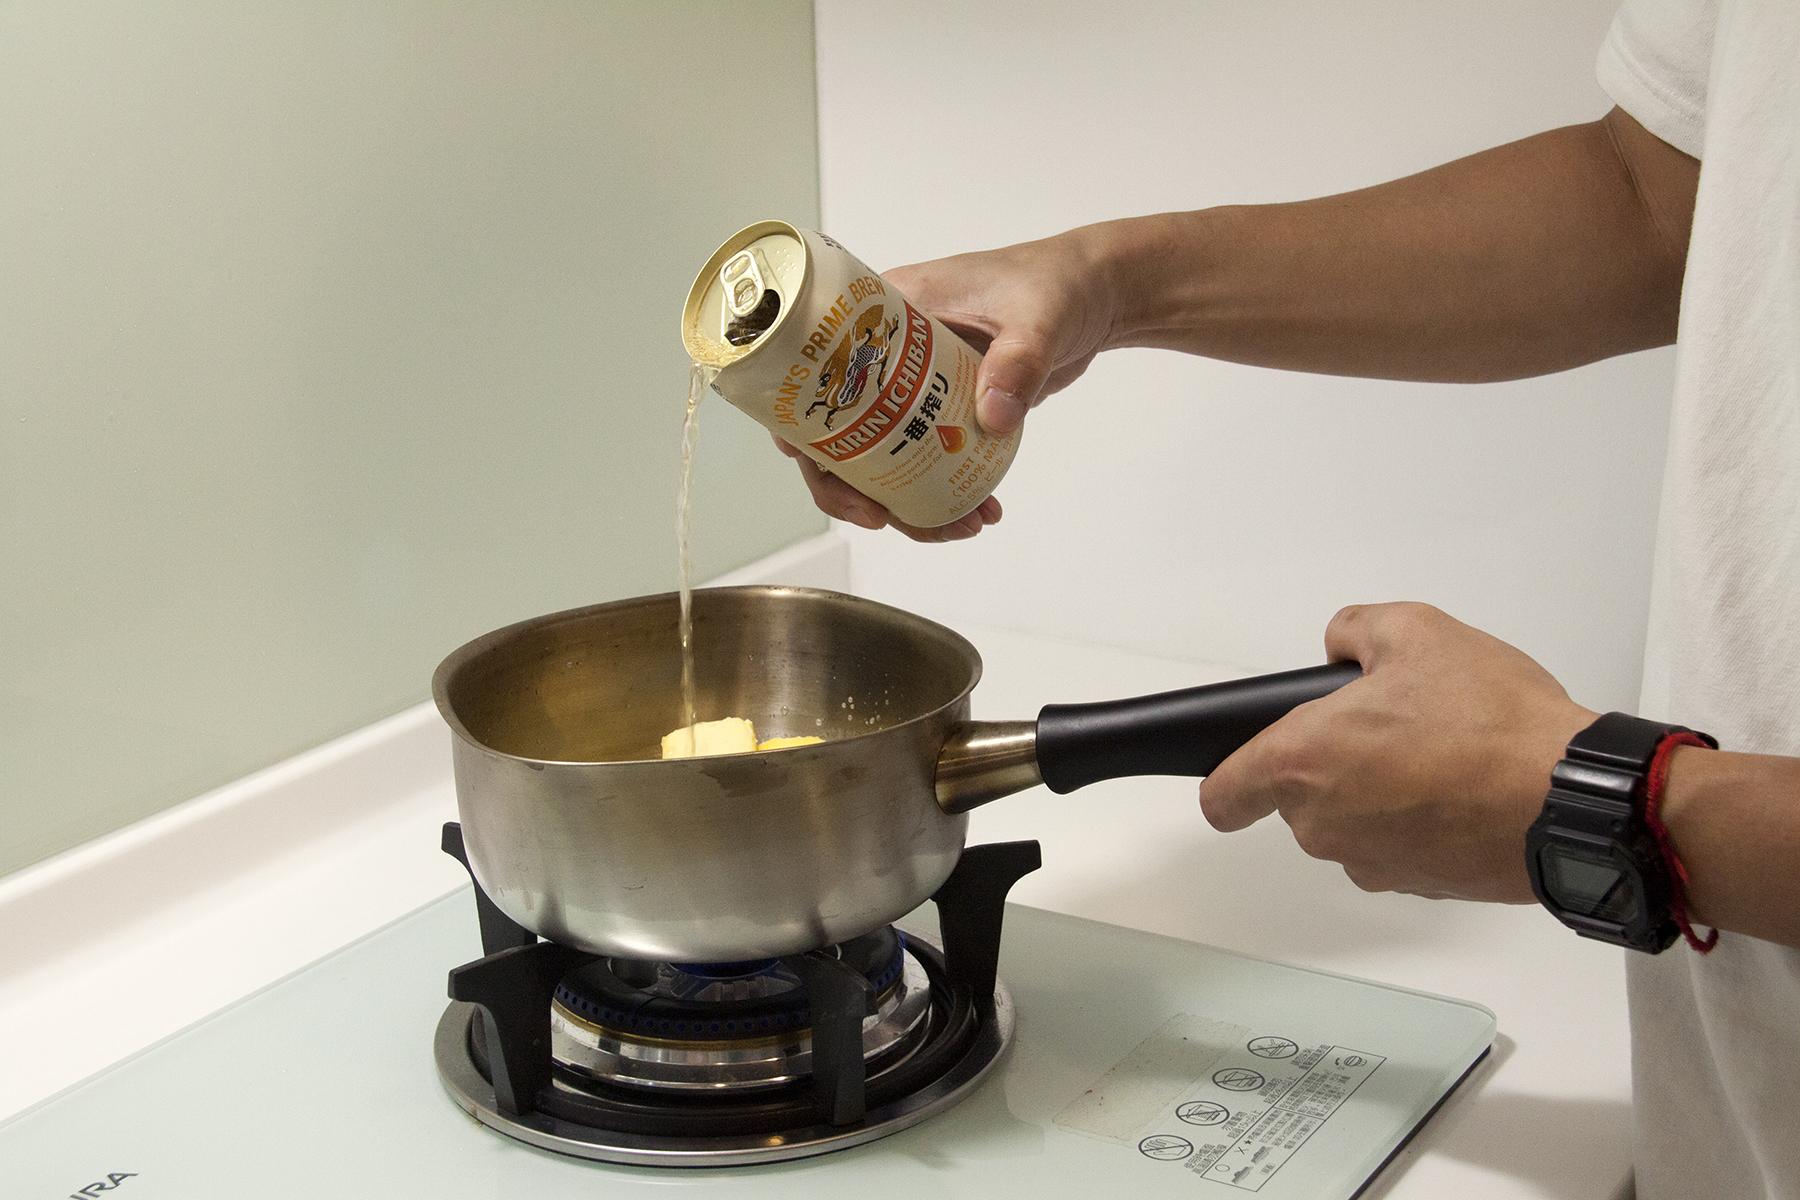 步驟1:將KIRIN一番搾、奶油加入鍋中拌勻,並加熱煮至奶油融化。